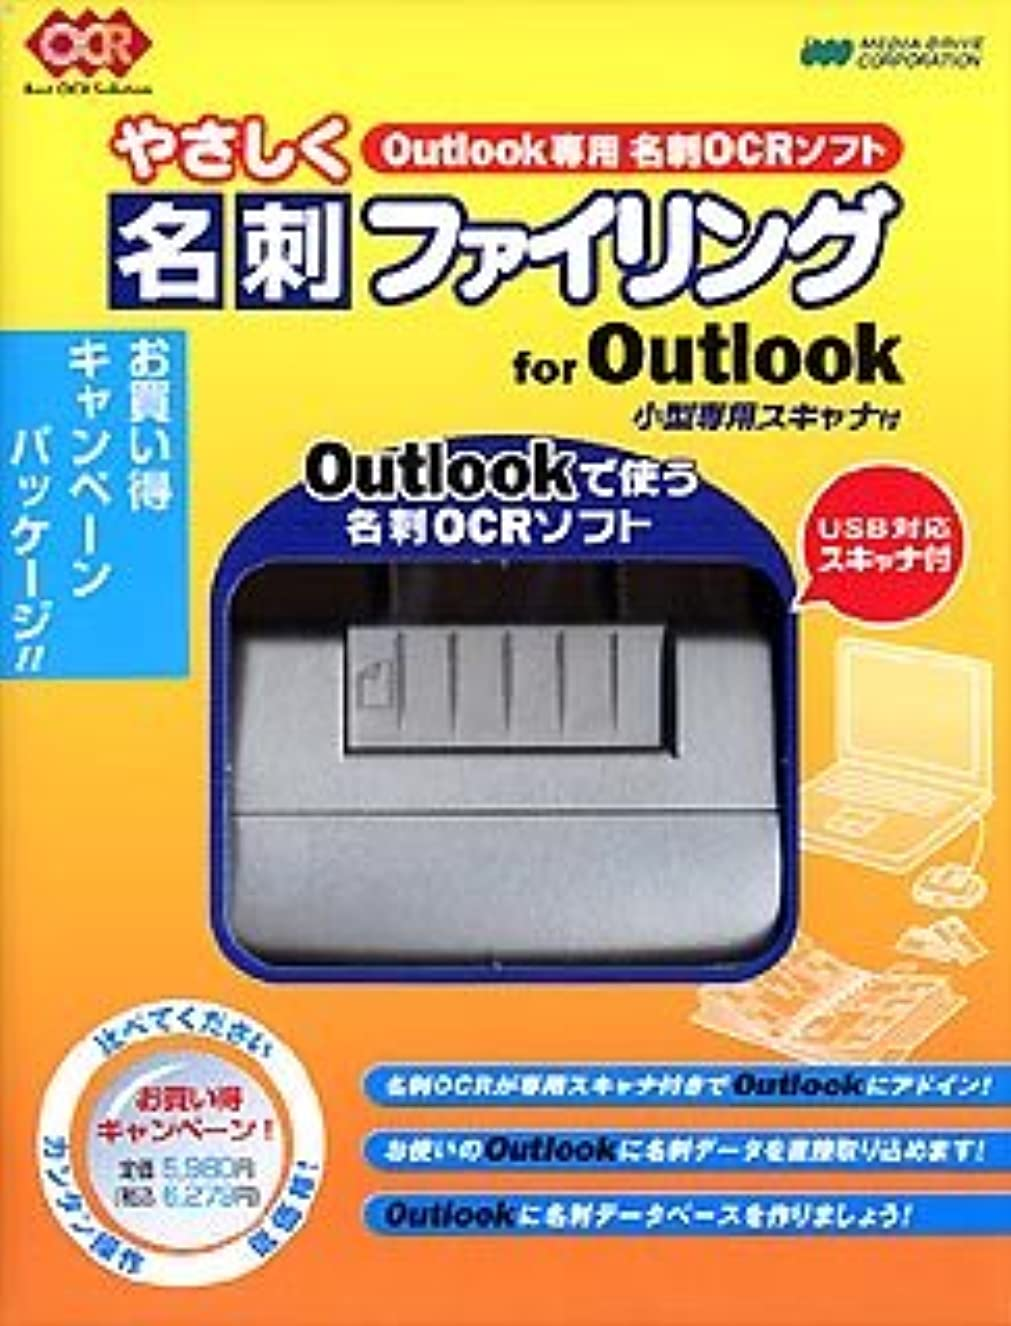 バックグラウンド化学者と遊ぶやさしく名刺ファイリング for Outlook 小型専用スキャナ付 お買い得キャンペーン